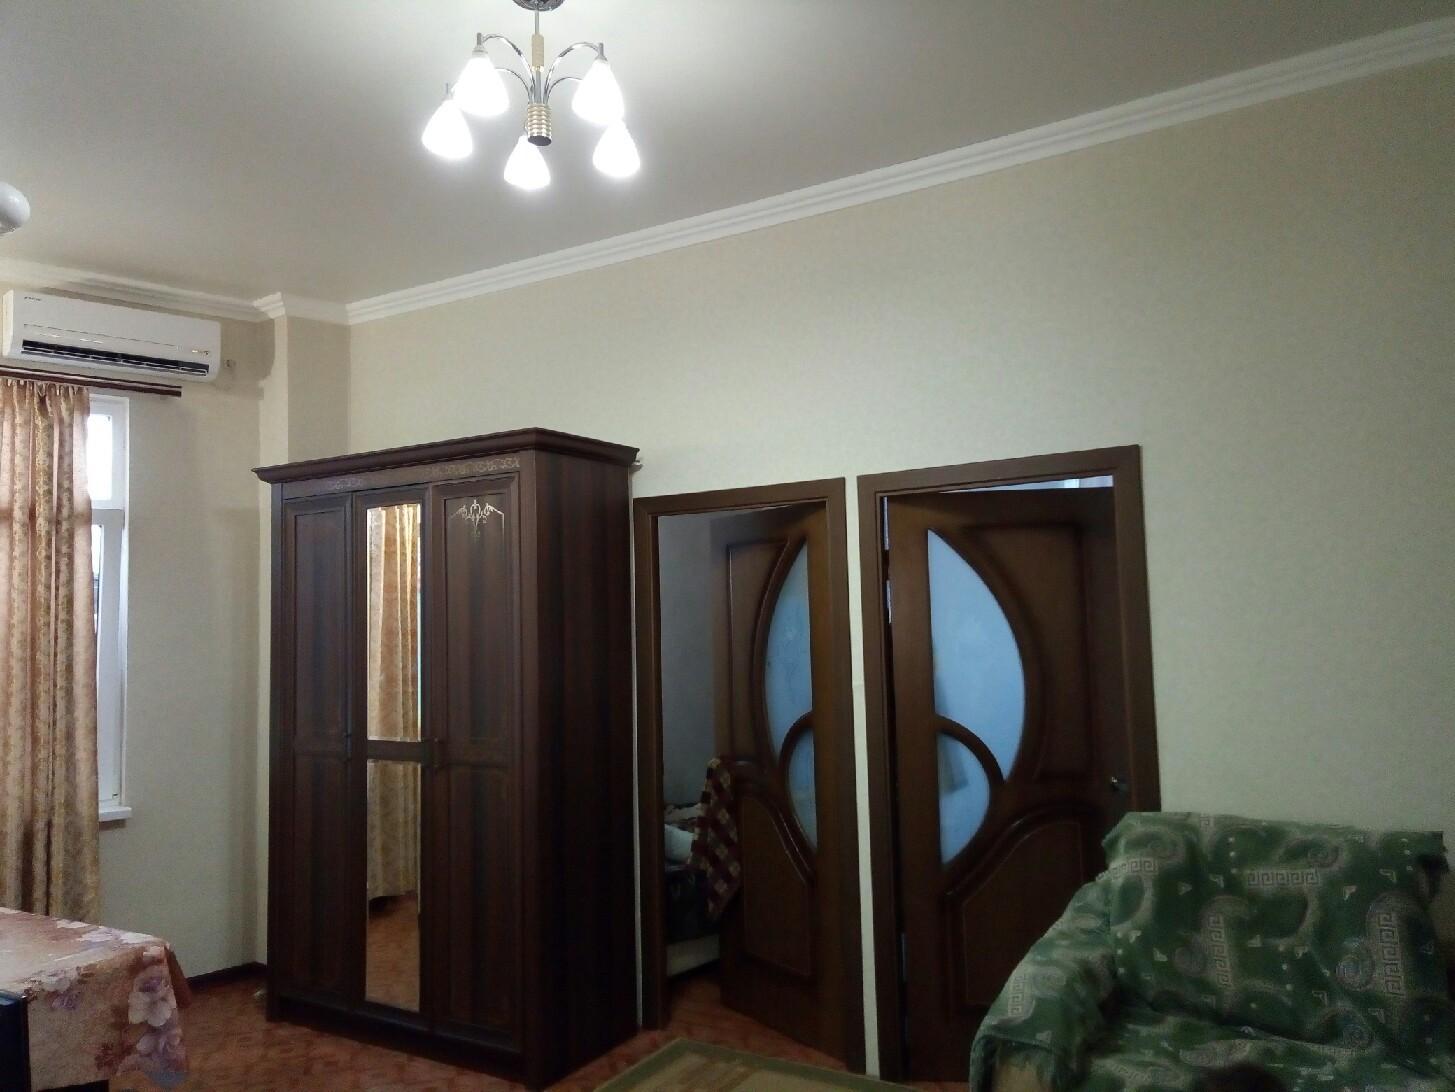 Продажа 3-х комнатной квартиры по ул. Транспортной, д. 76 (60 м²)